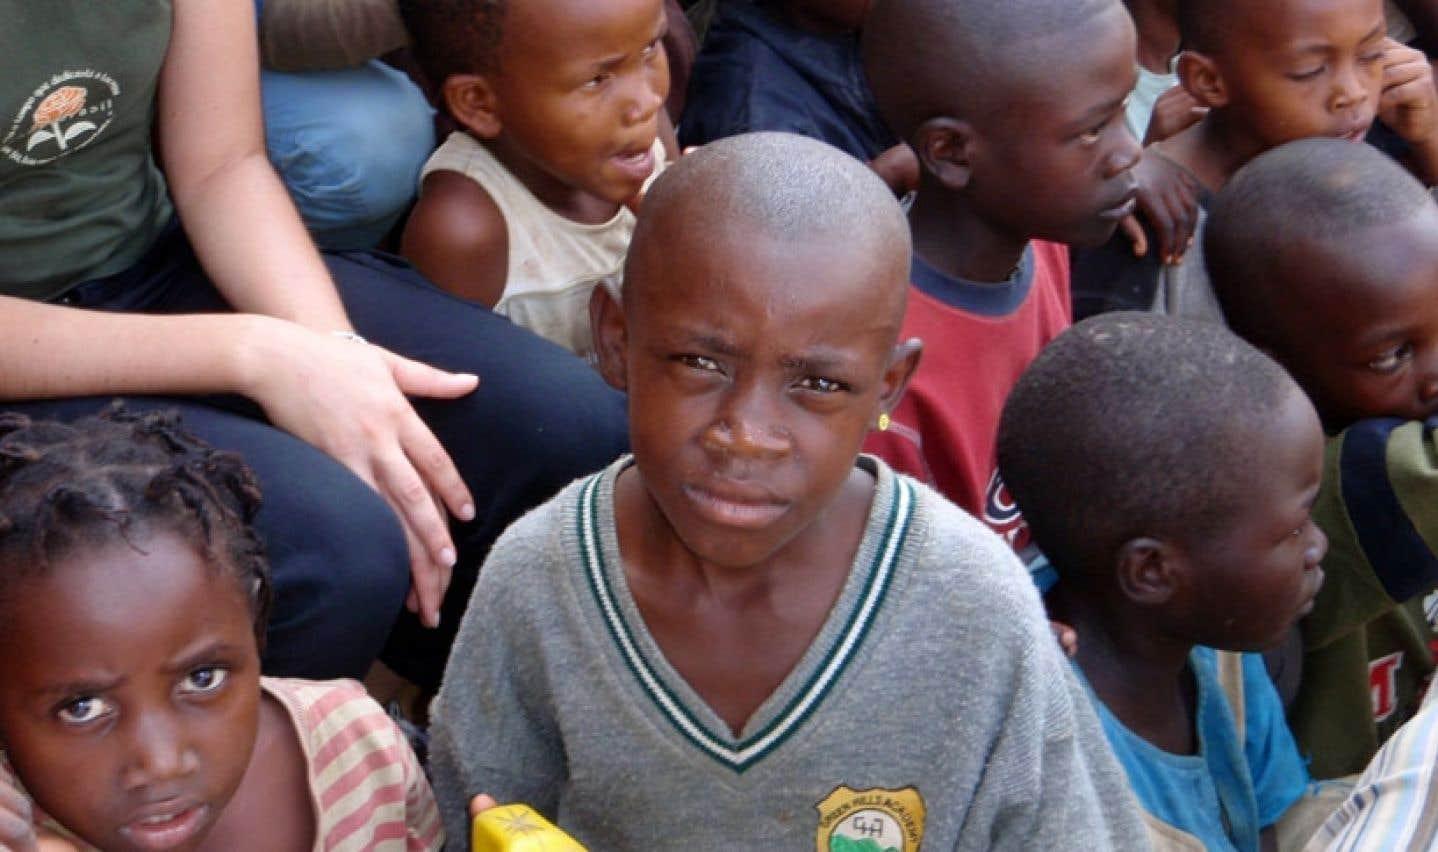 Cette année, ce sont les enfants du Rwanda qui reçoivent des messages solidaires, à l'instigation de Carrefour Tiers-Monde.